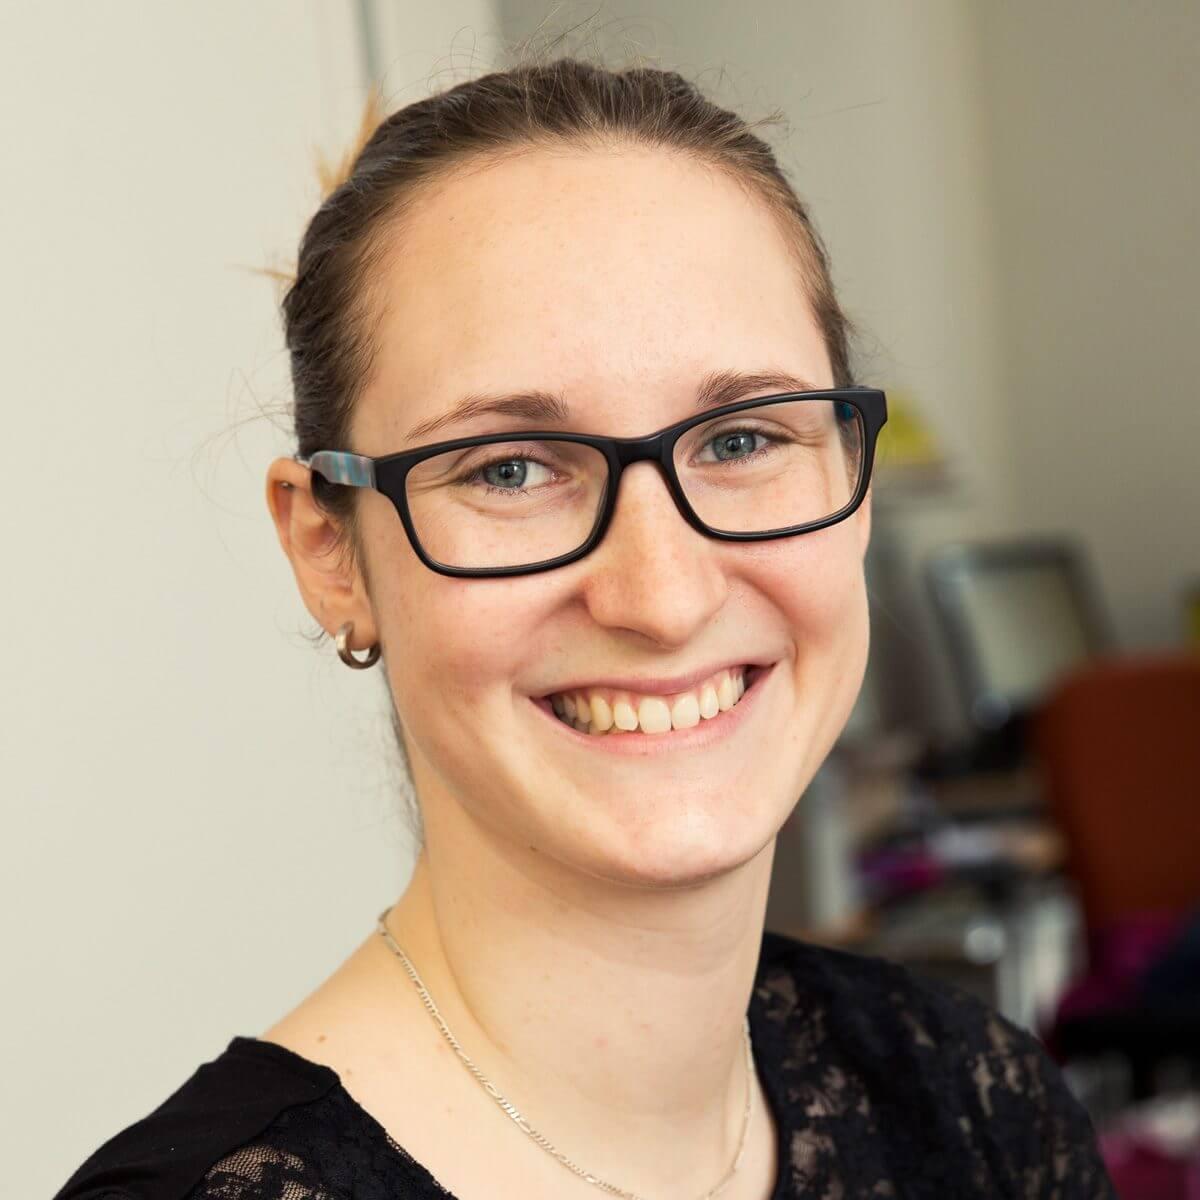 Isabel Krayer